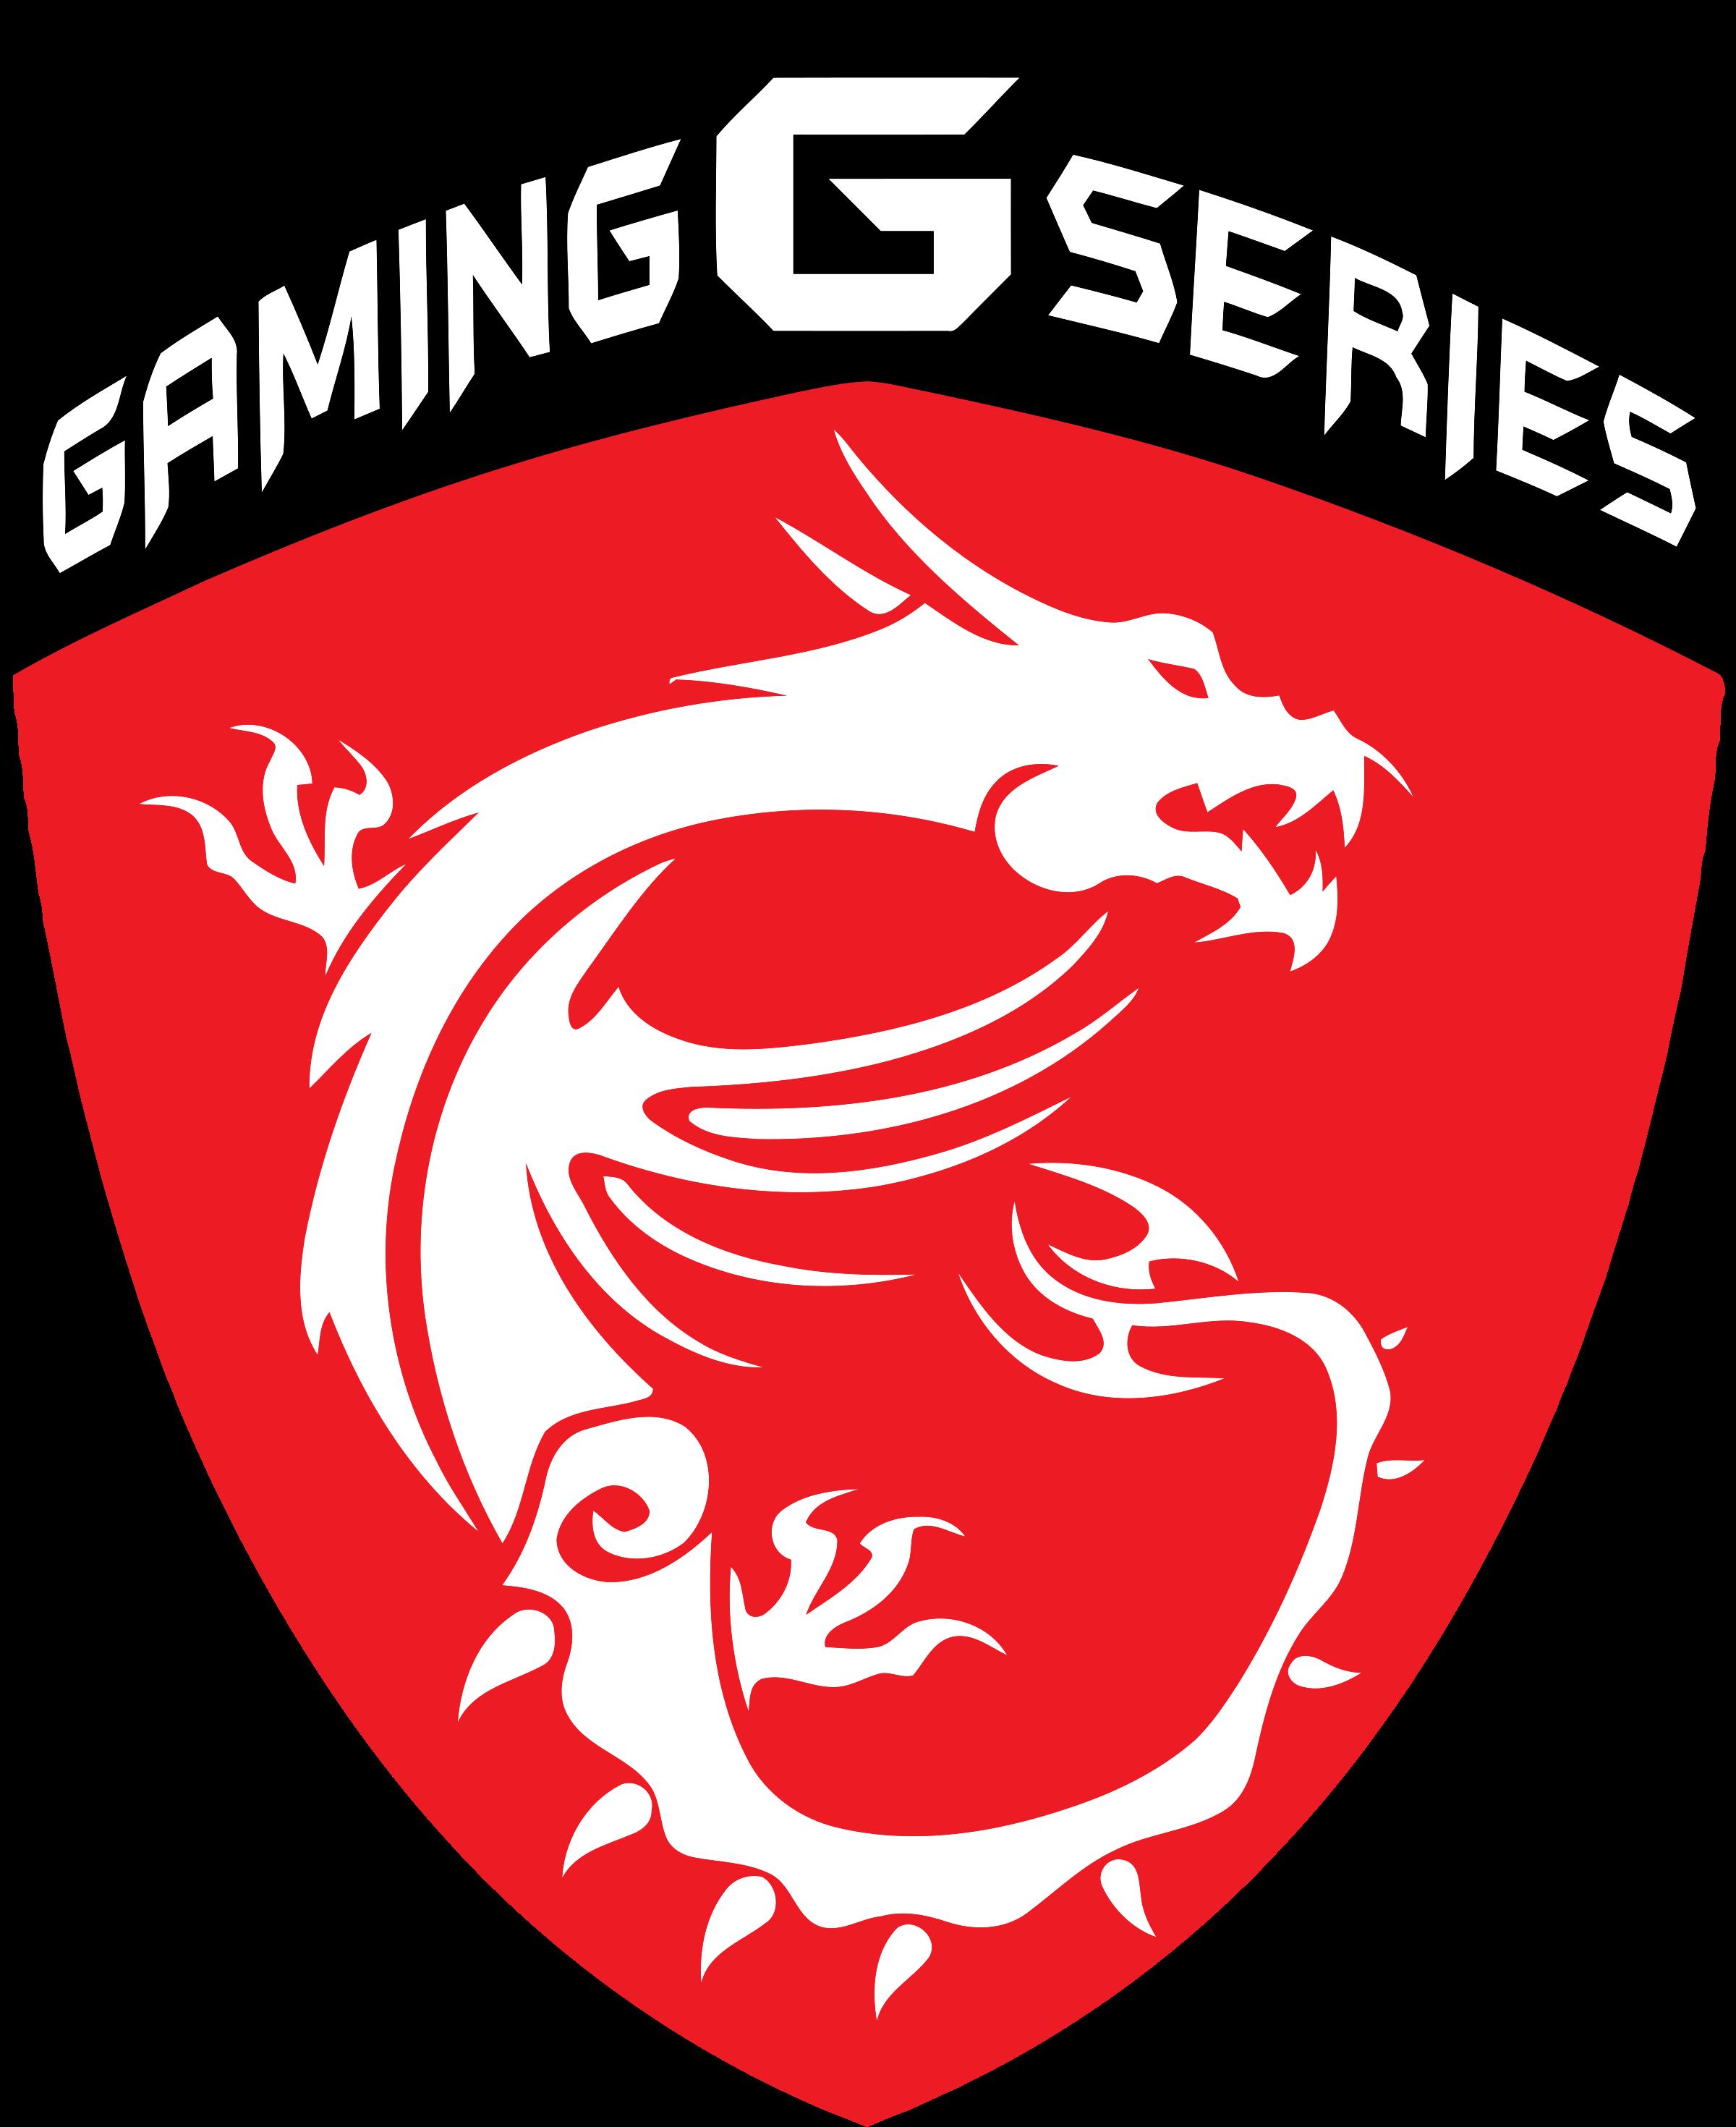 msi-gaming-logo-png-transparent.png